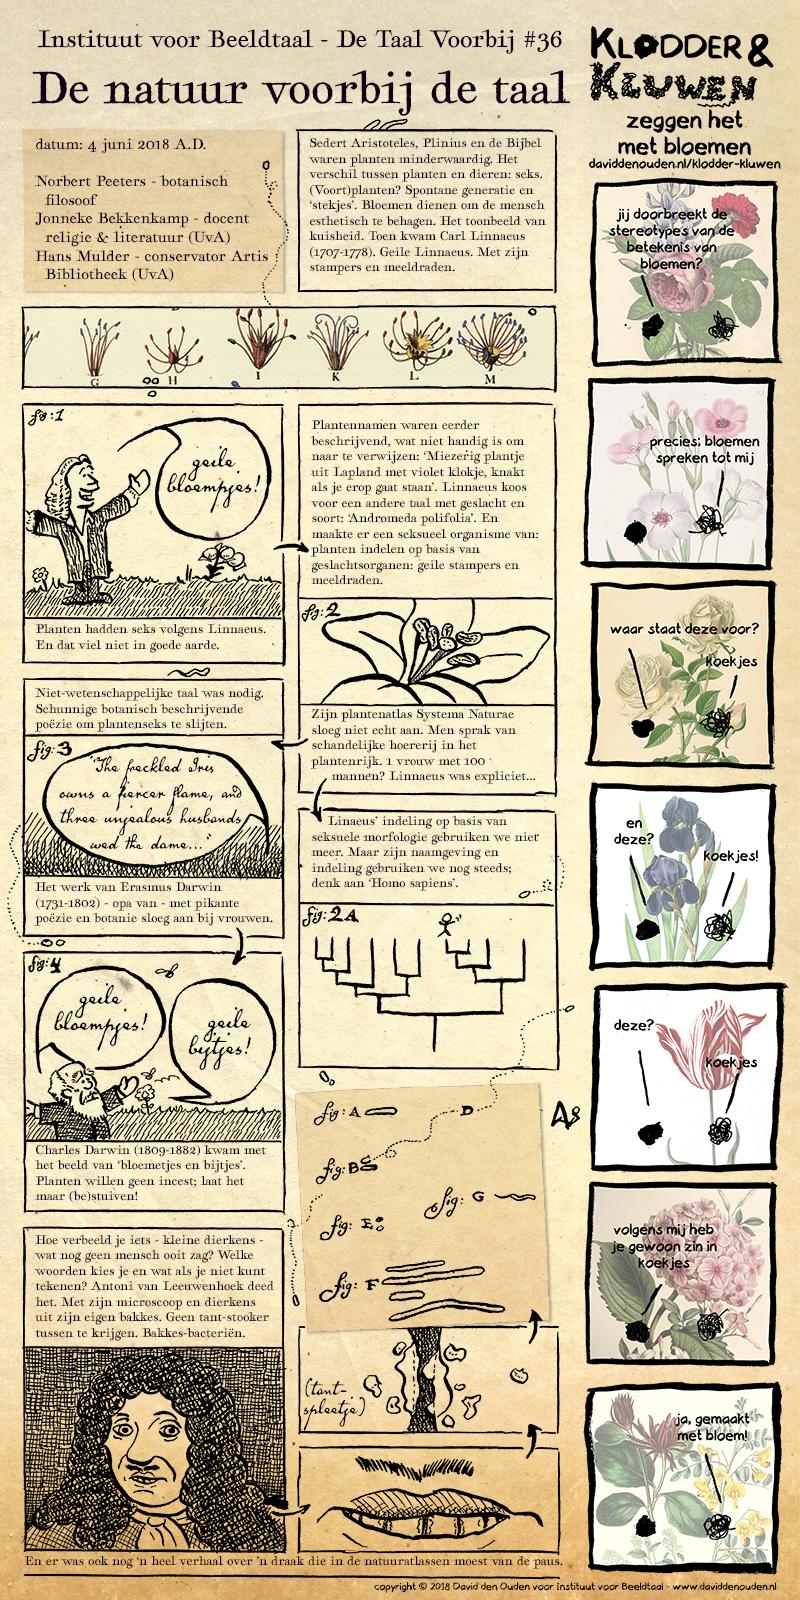 Instituut voor Beeldtaal - Beeldverslag de natuur voorbij de taal